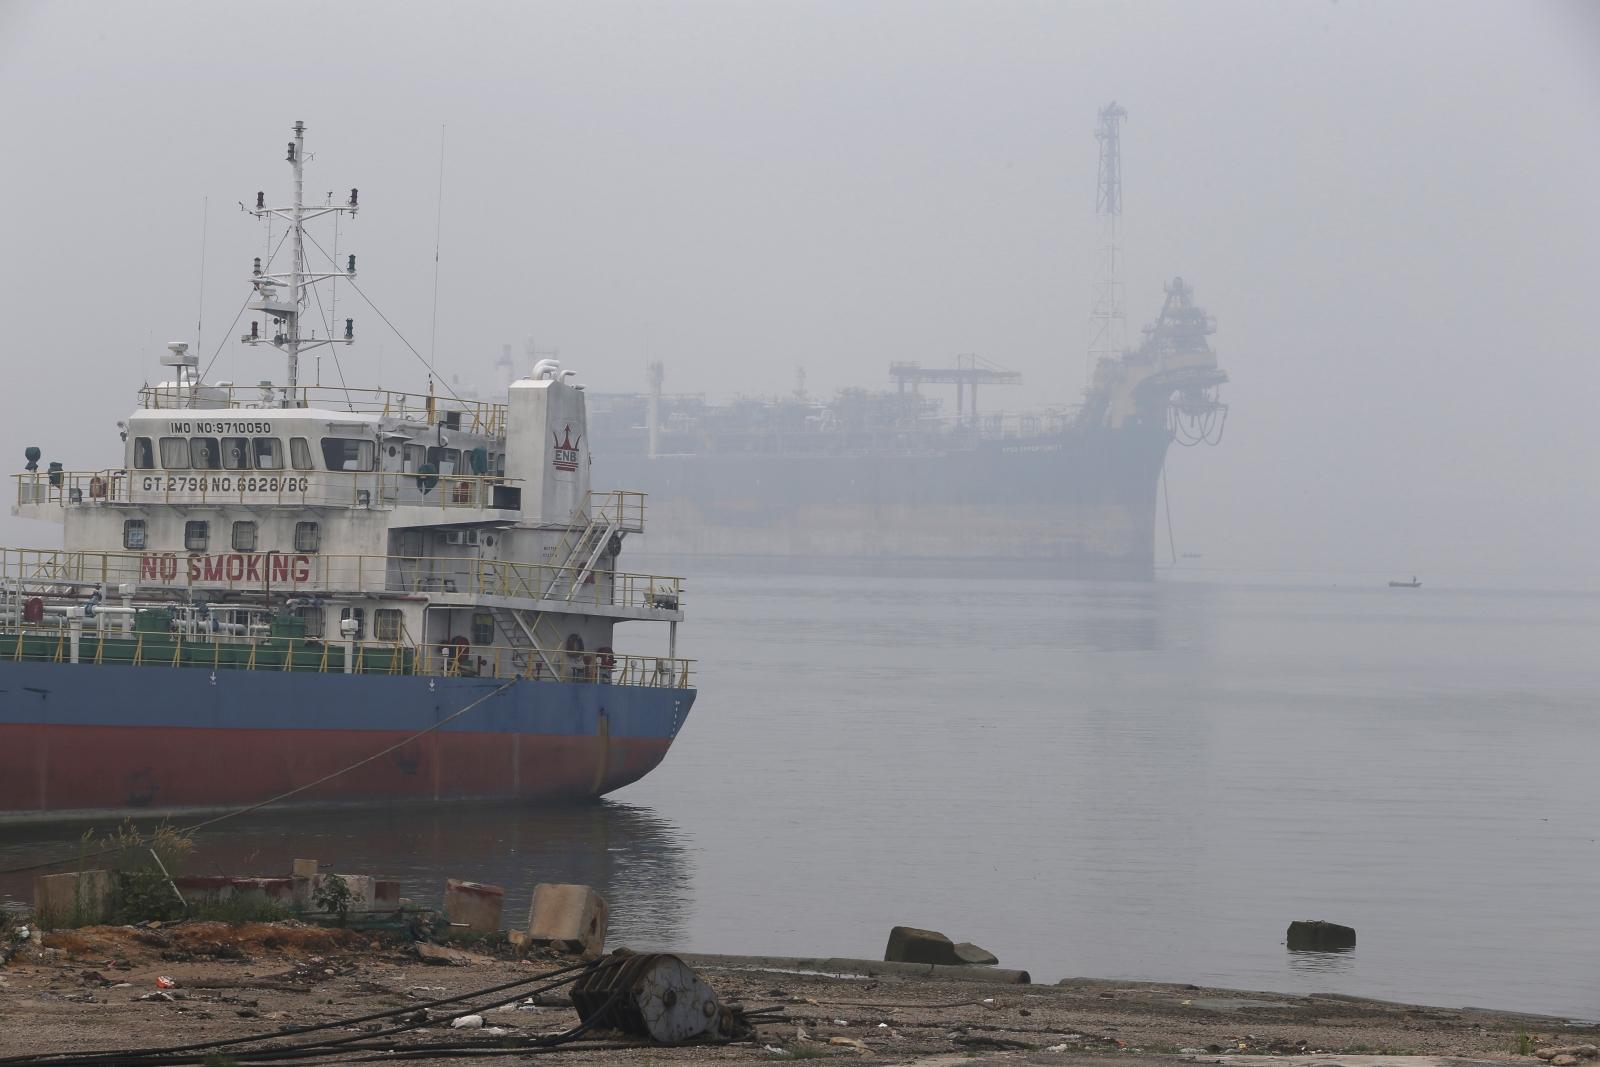 Malaysia oil tanker